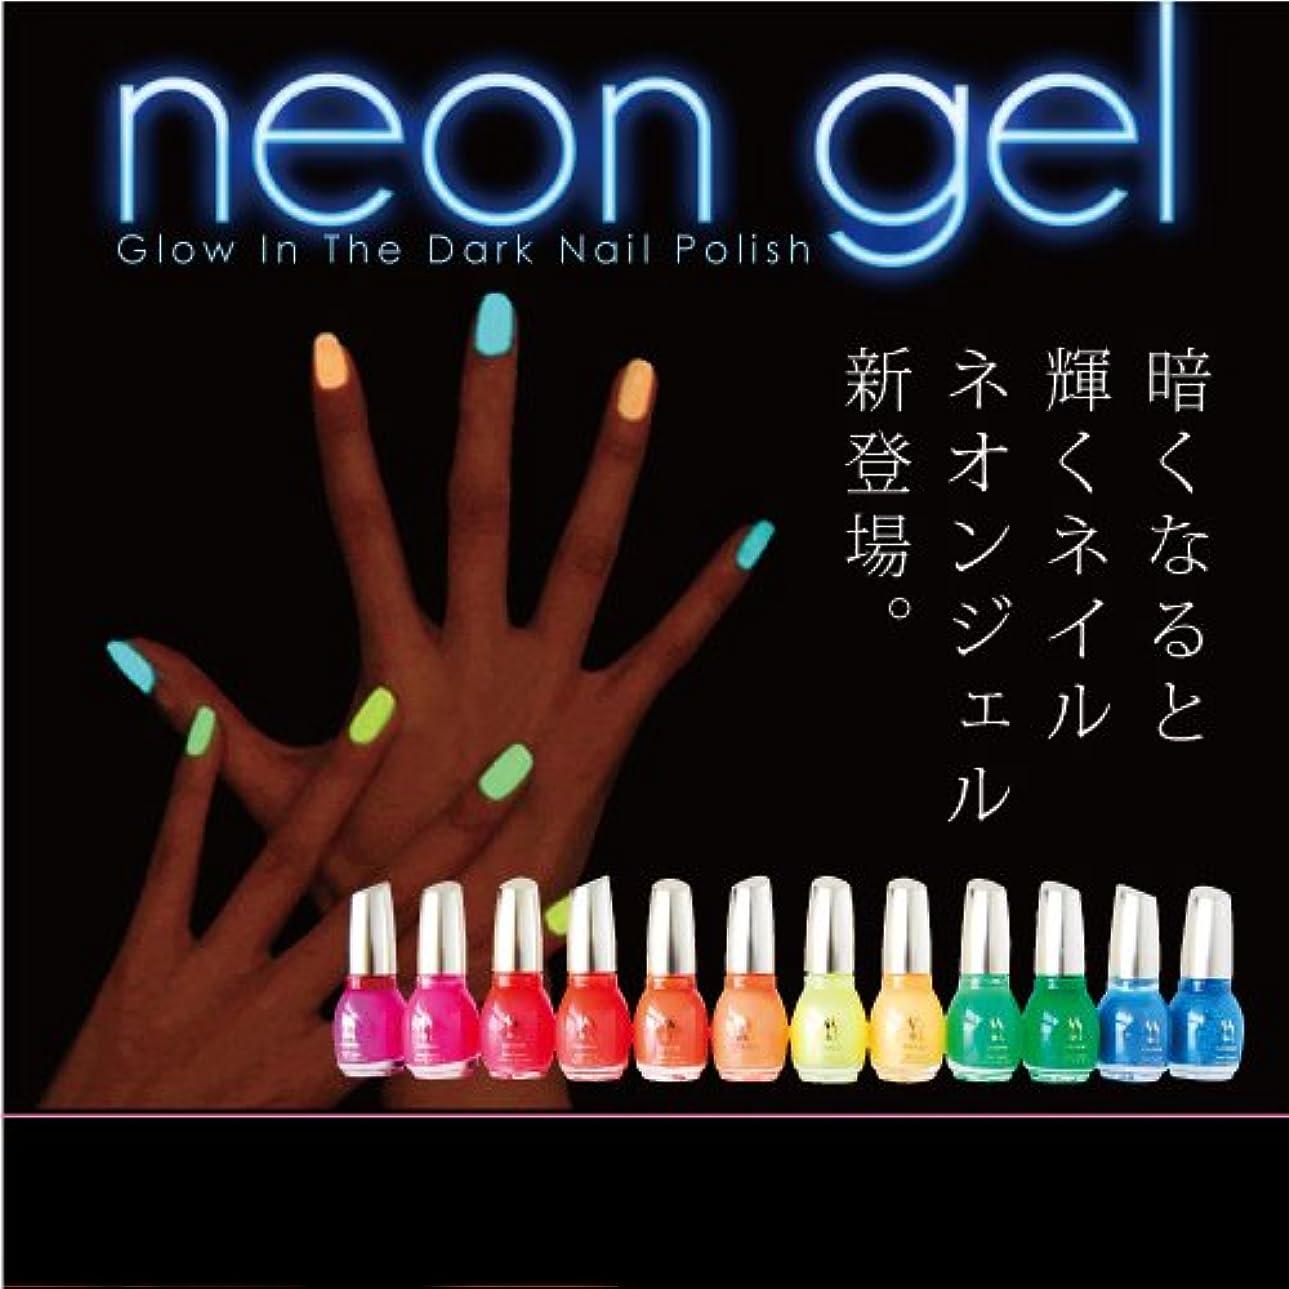 便利写真撮影鋸歯状Neon Gel -Glow In The Dark- 蛍光ネイルポリッシュ 15ml カラー:09 チェリーオレンジ [マニキュア ネイルカラー ジェルネイルカラー ネイルポリッシュ SHANTI]